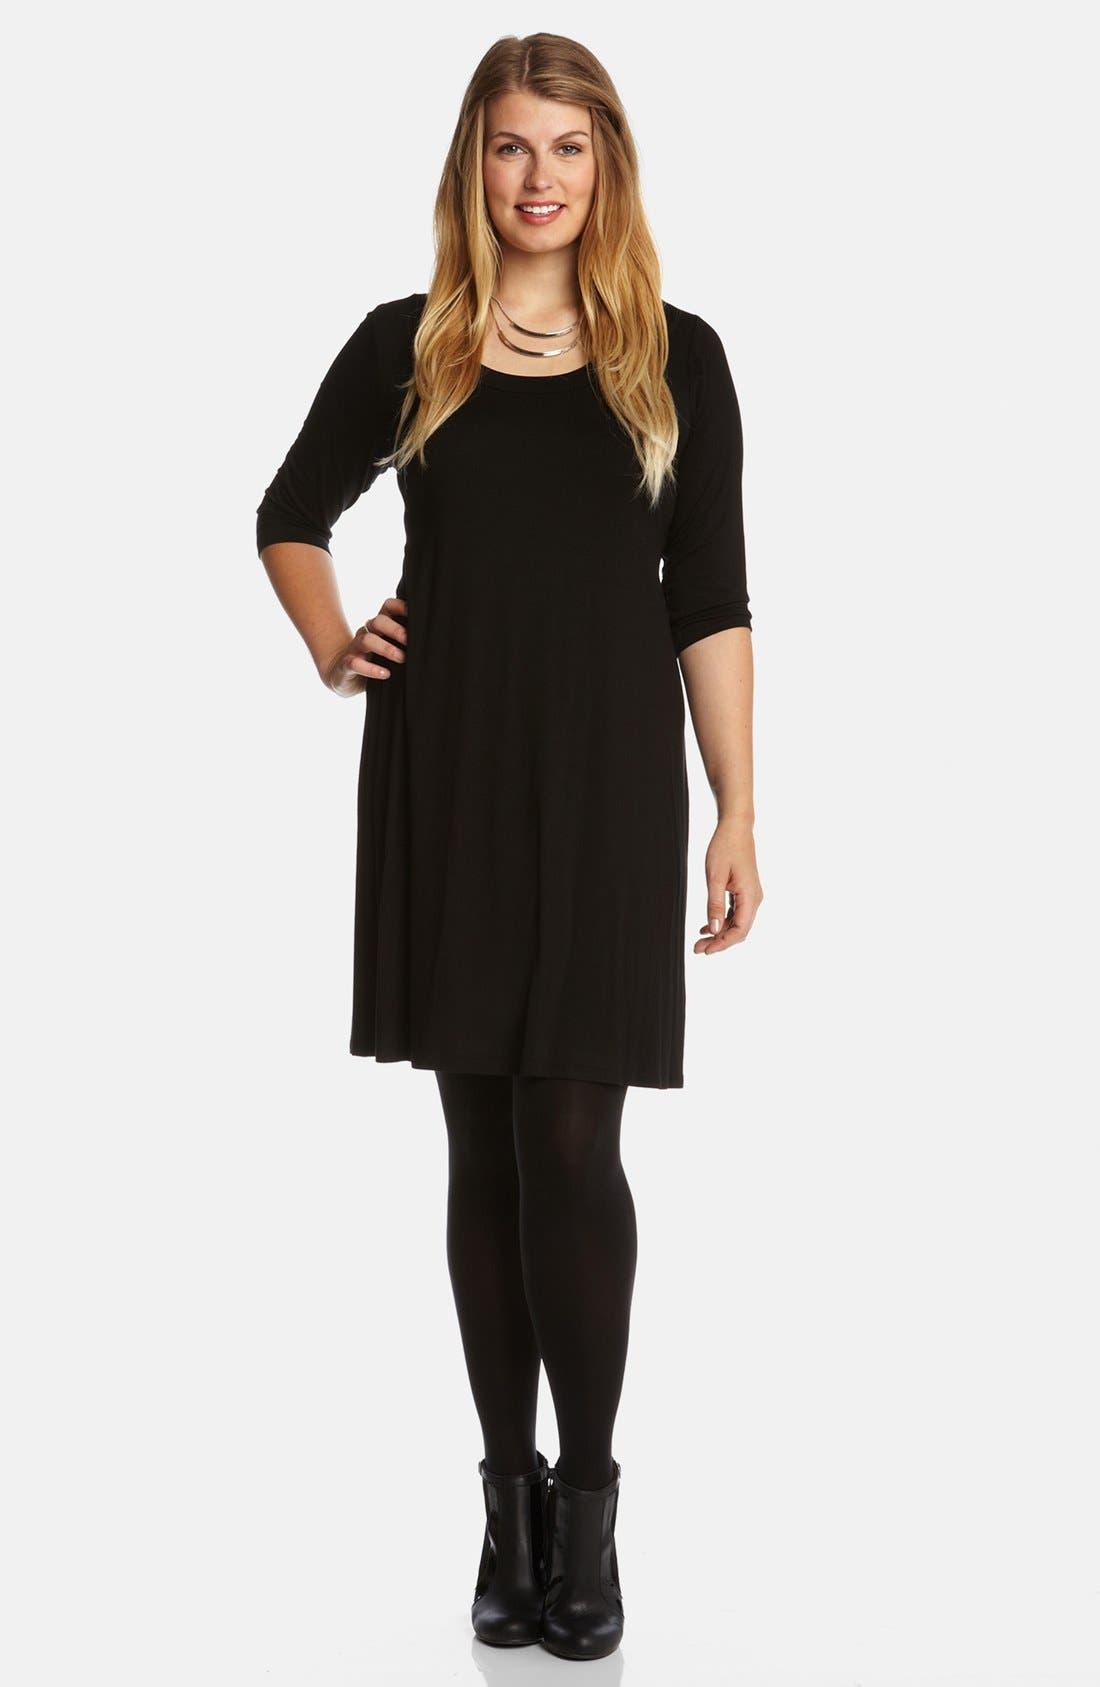 KAREN KANE Scoop Neck Jersey Dress, Main, color, BLACK